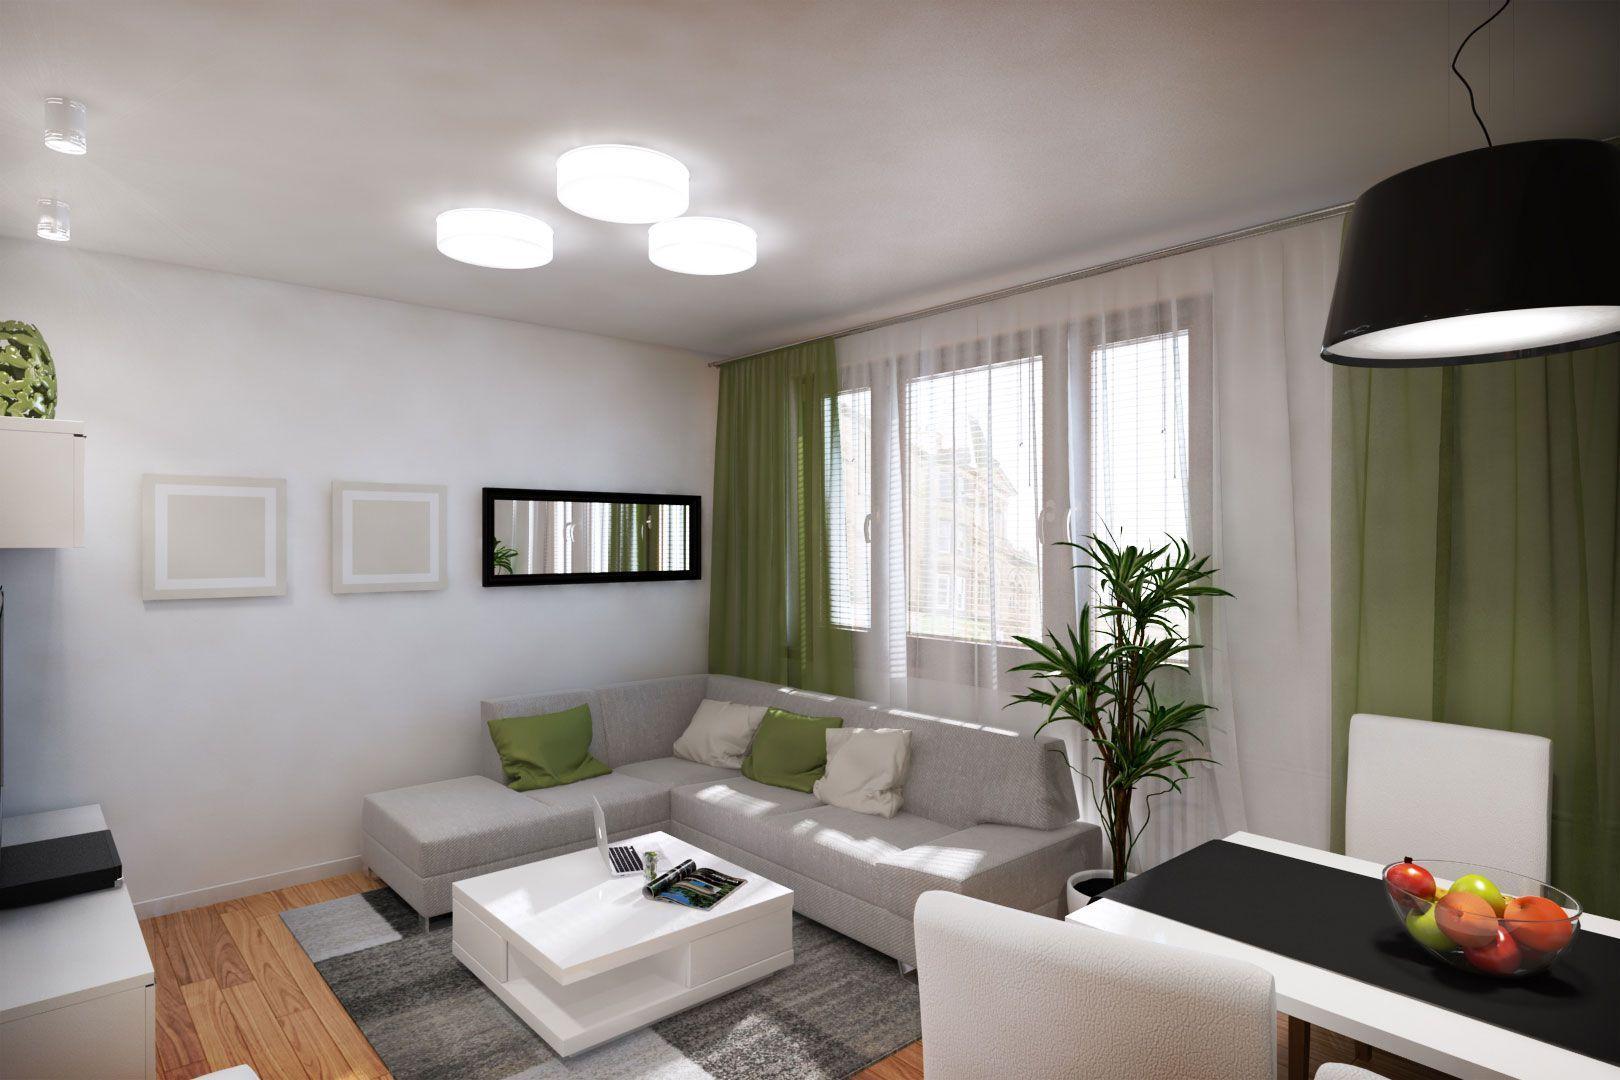 Diseño de pequeño departamento de 62 m² de dos dormitorios